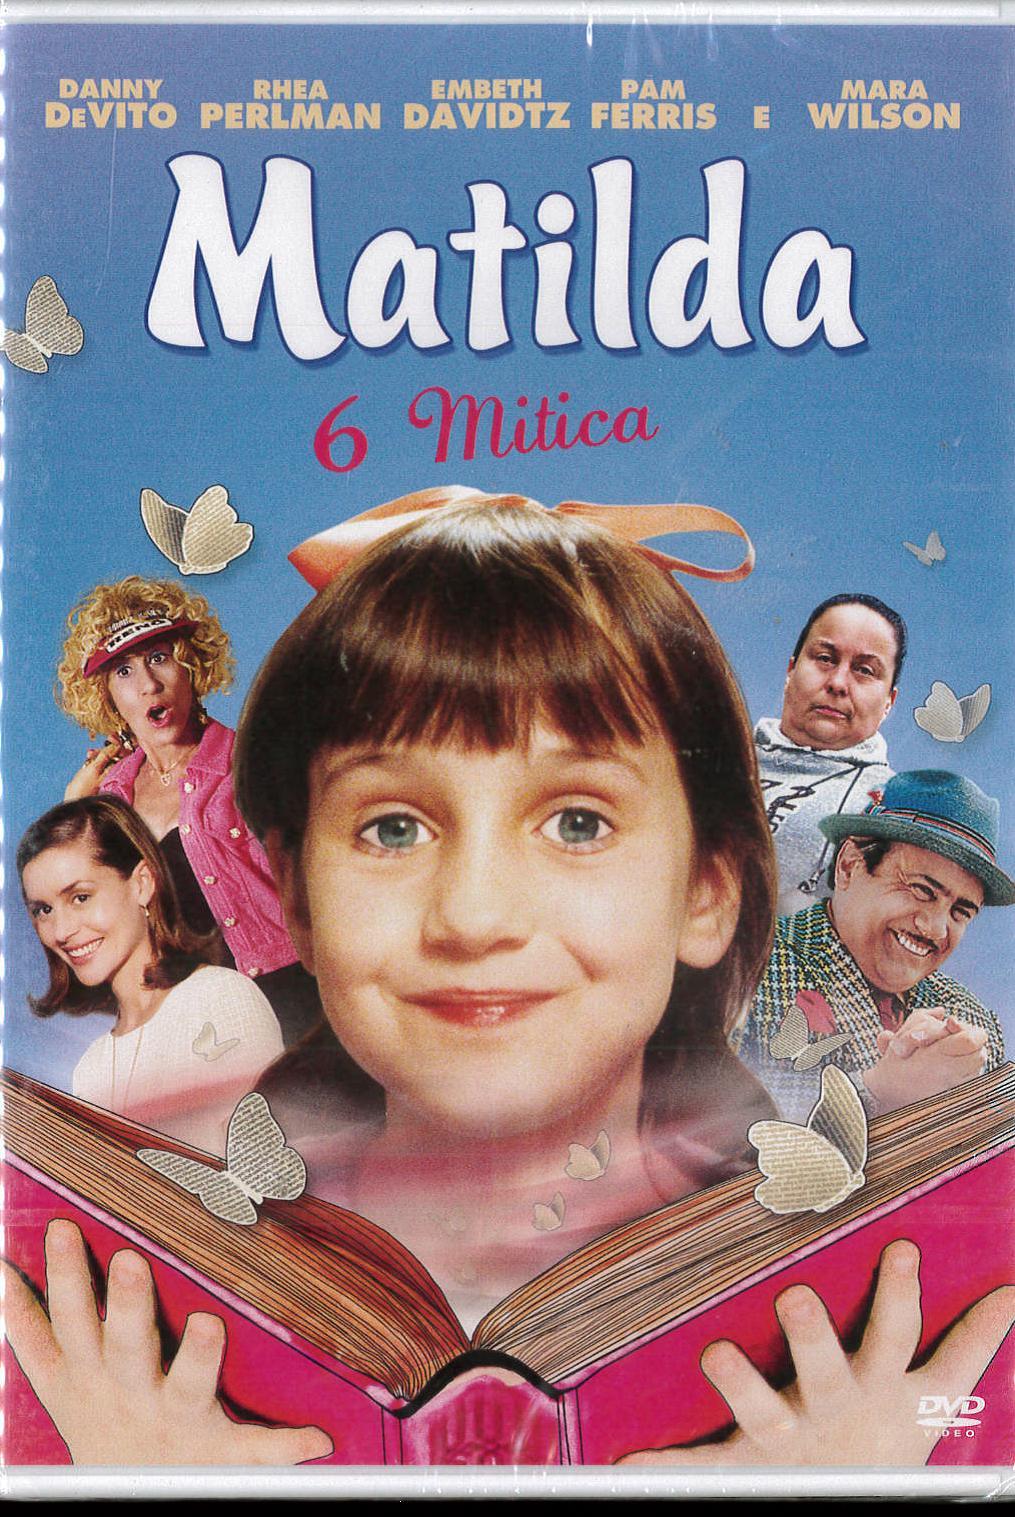 MATILDA 6 MITICA (DVD)